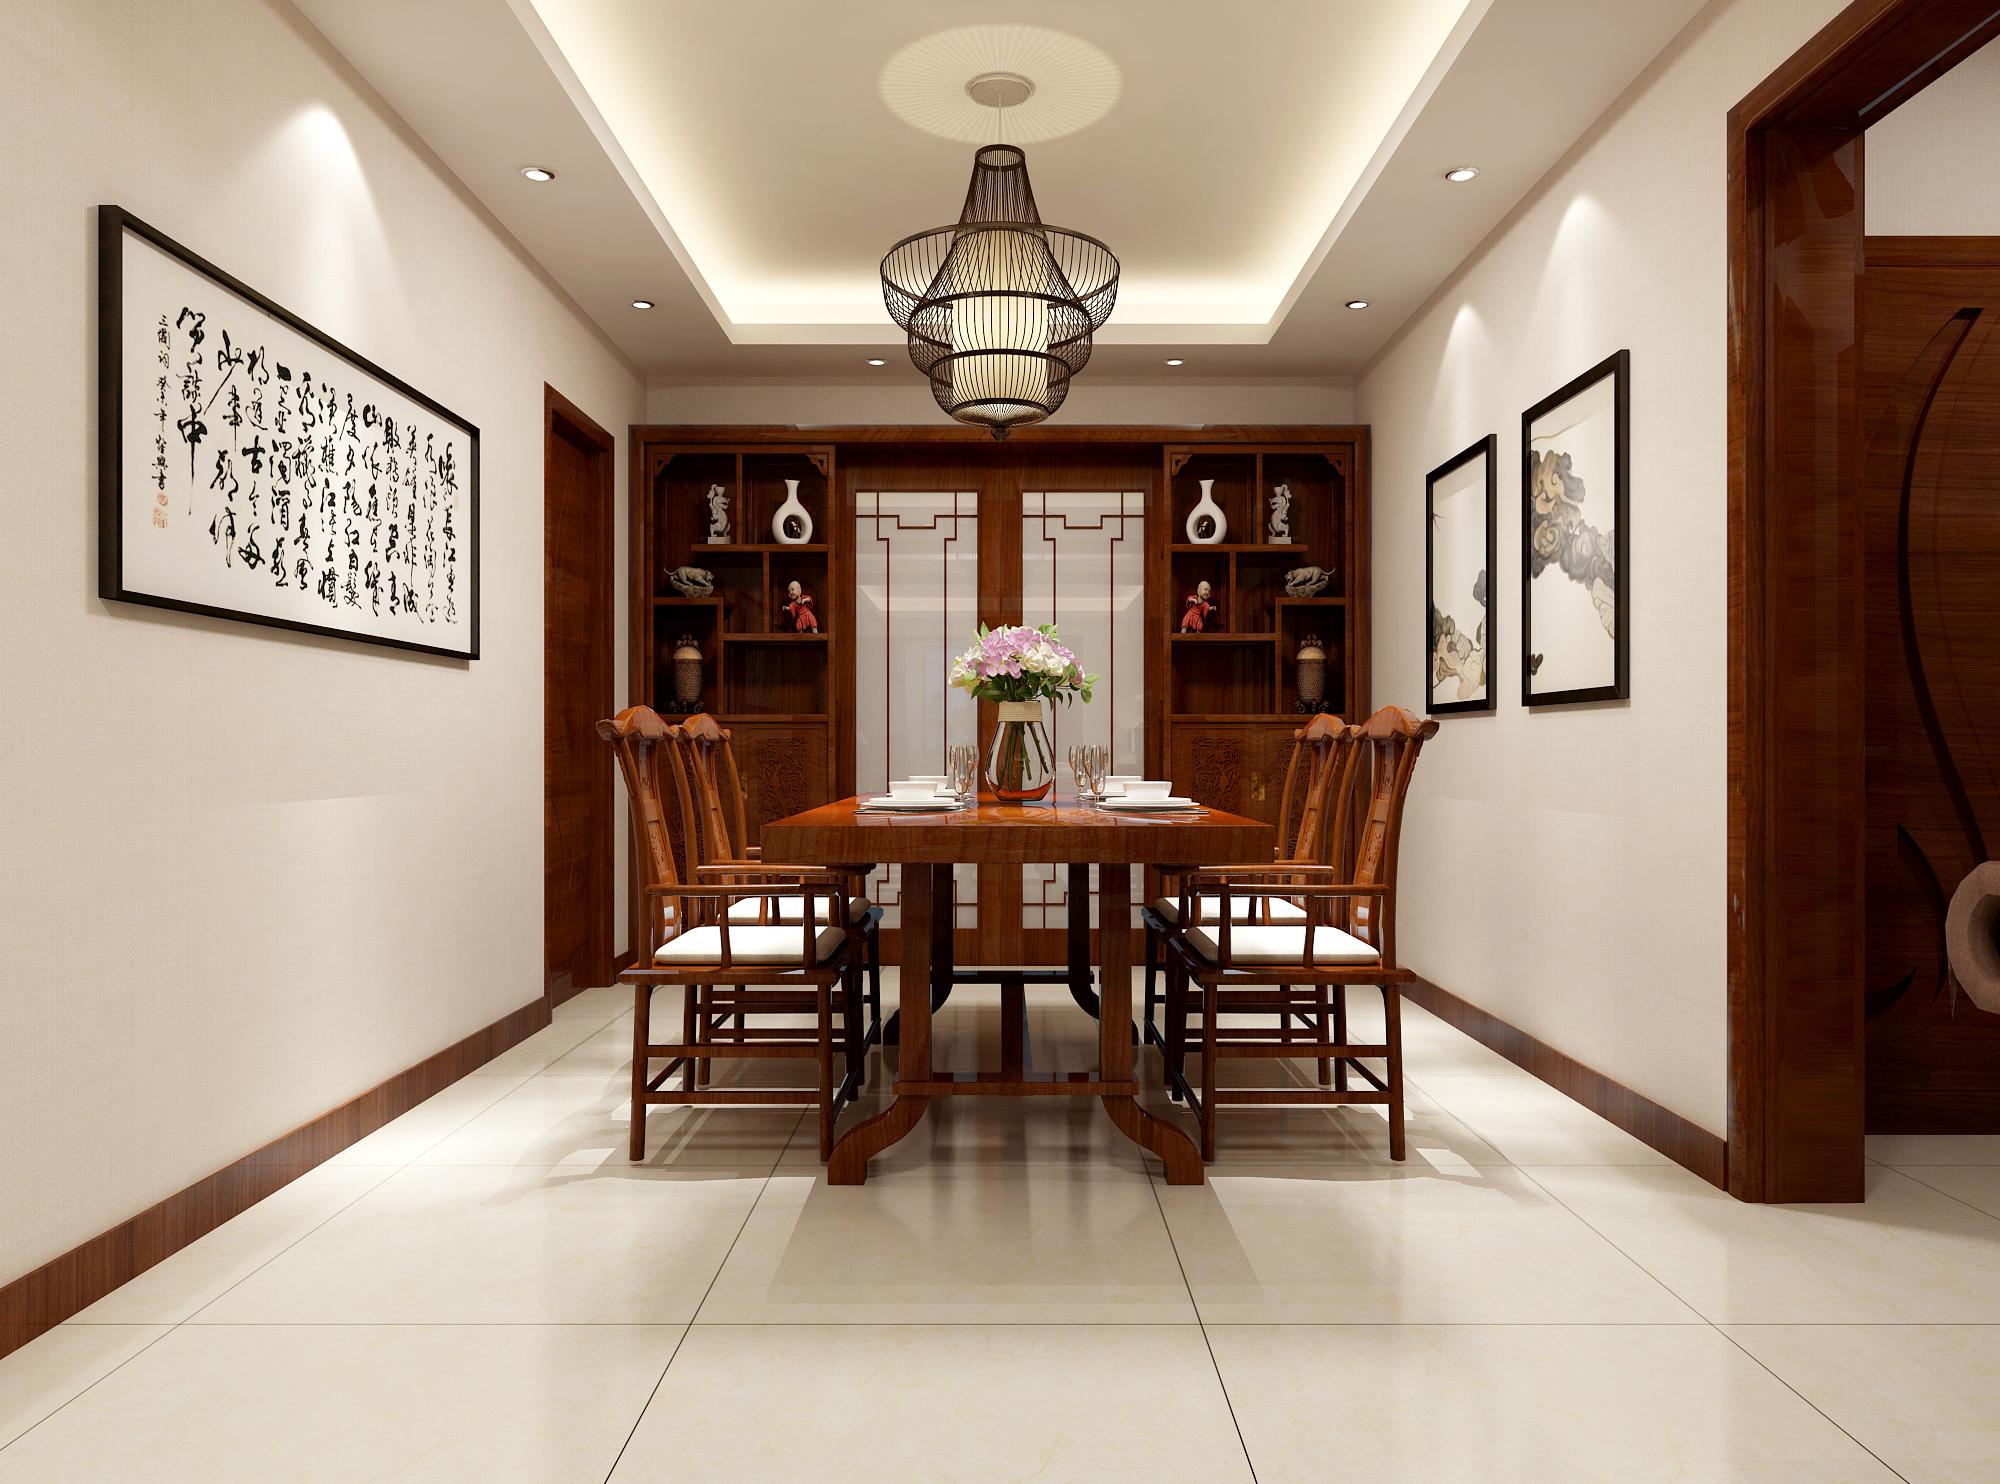 三居 80后 新中式 餐厅图片来自业之峰装饰旗舰店在团圆中国结的分享